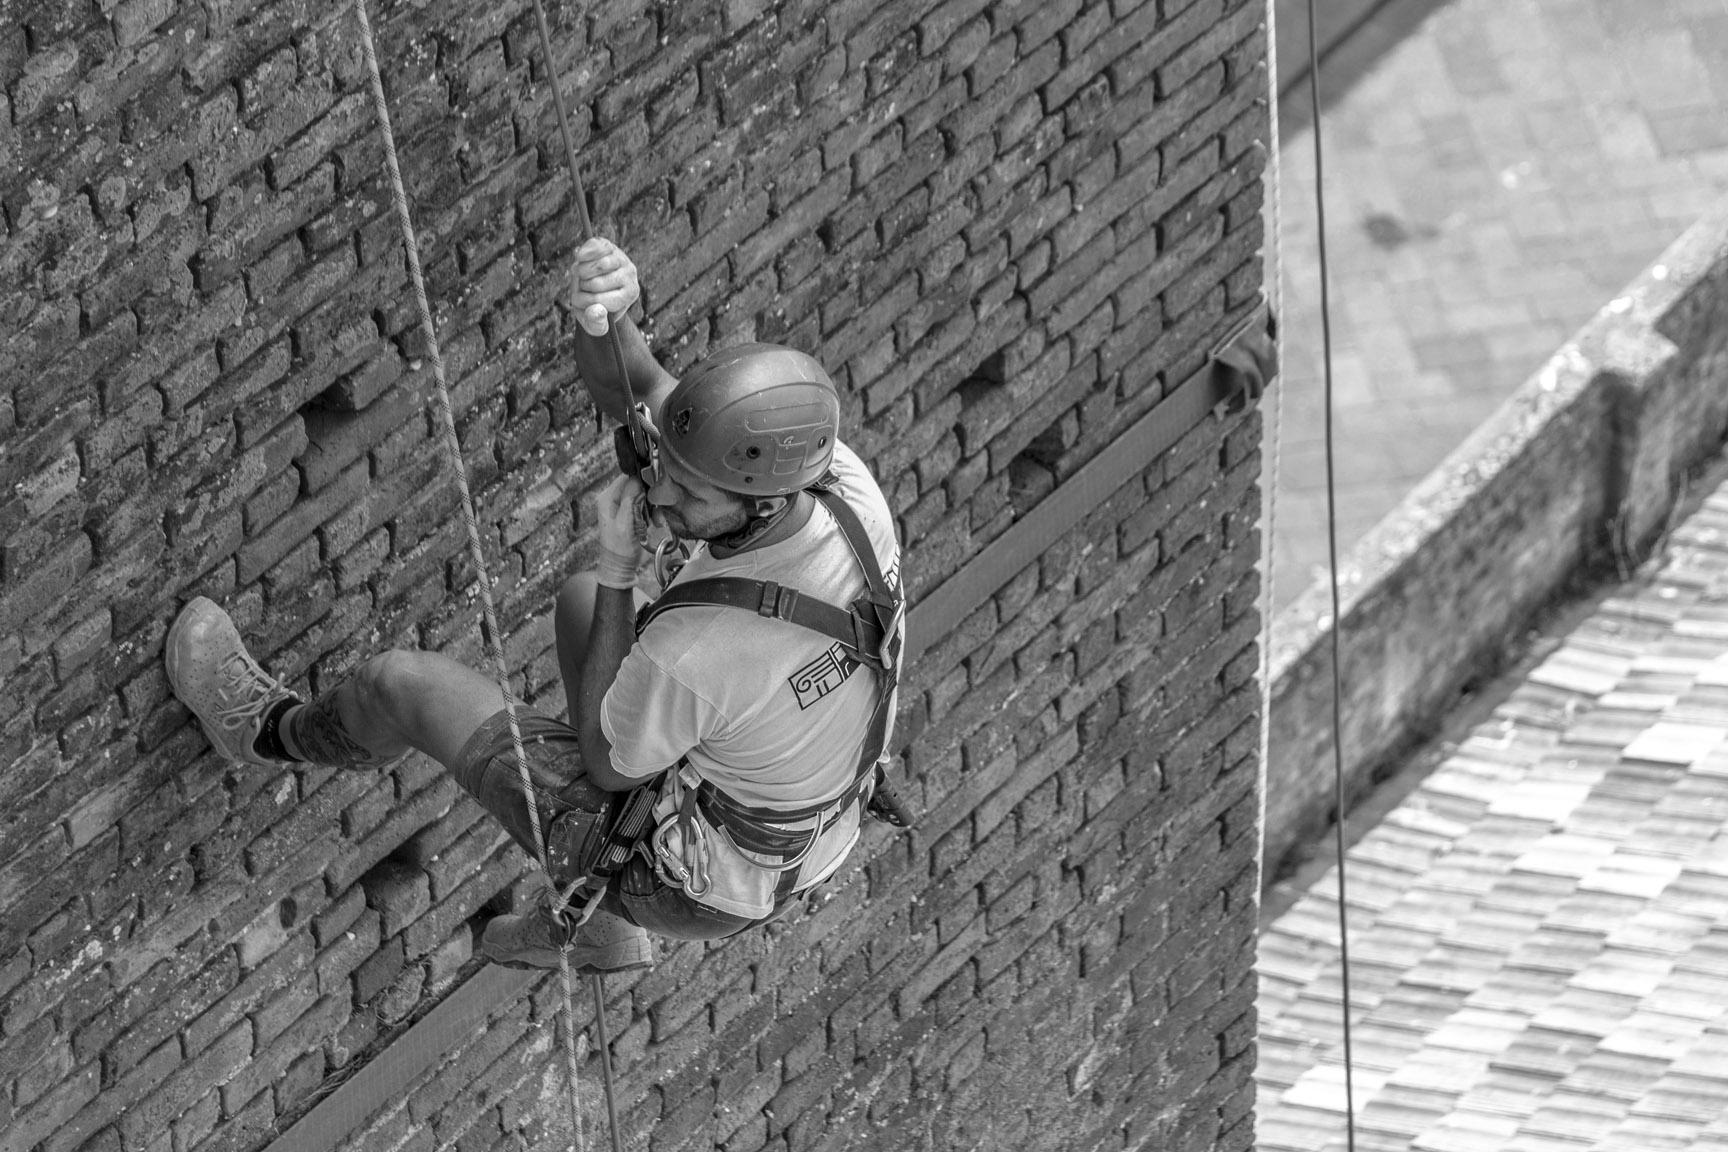 Gli operai della ditta edile Formento Restauri sono specializzati in restauri in quota, su fune, senza utilizzo di ponteggi.